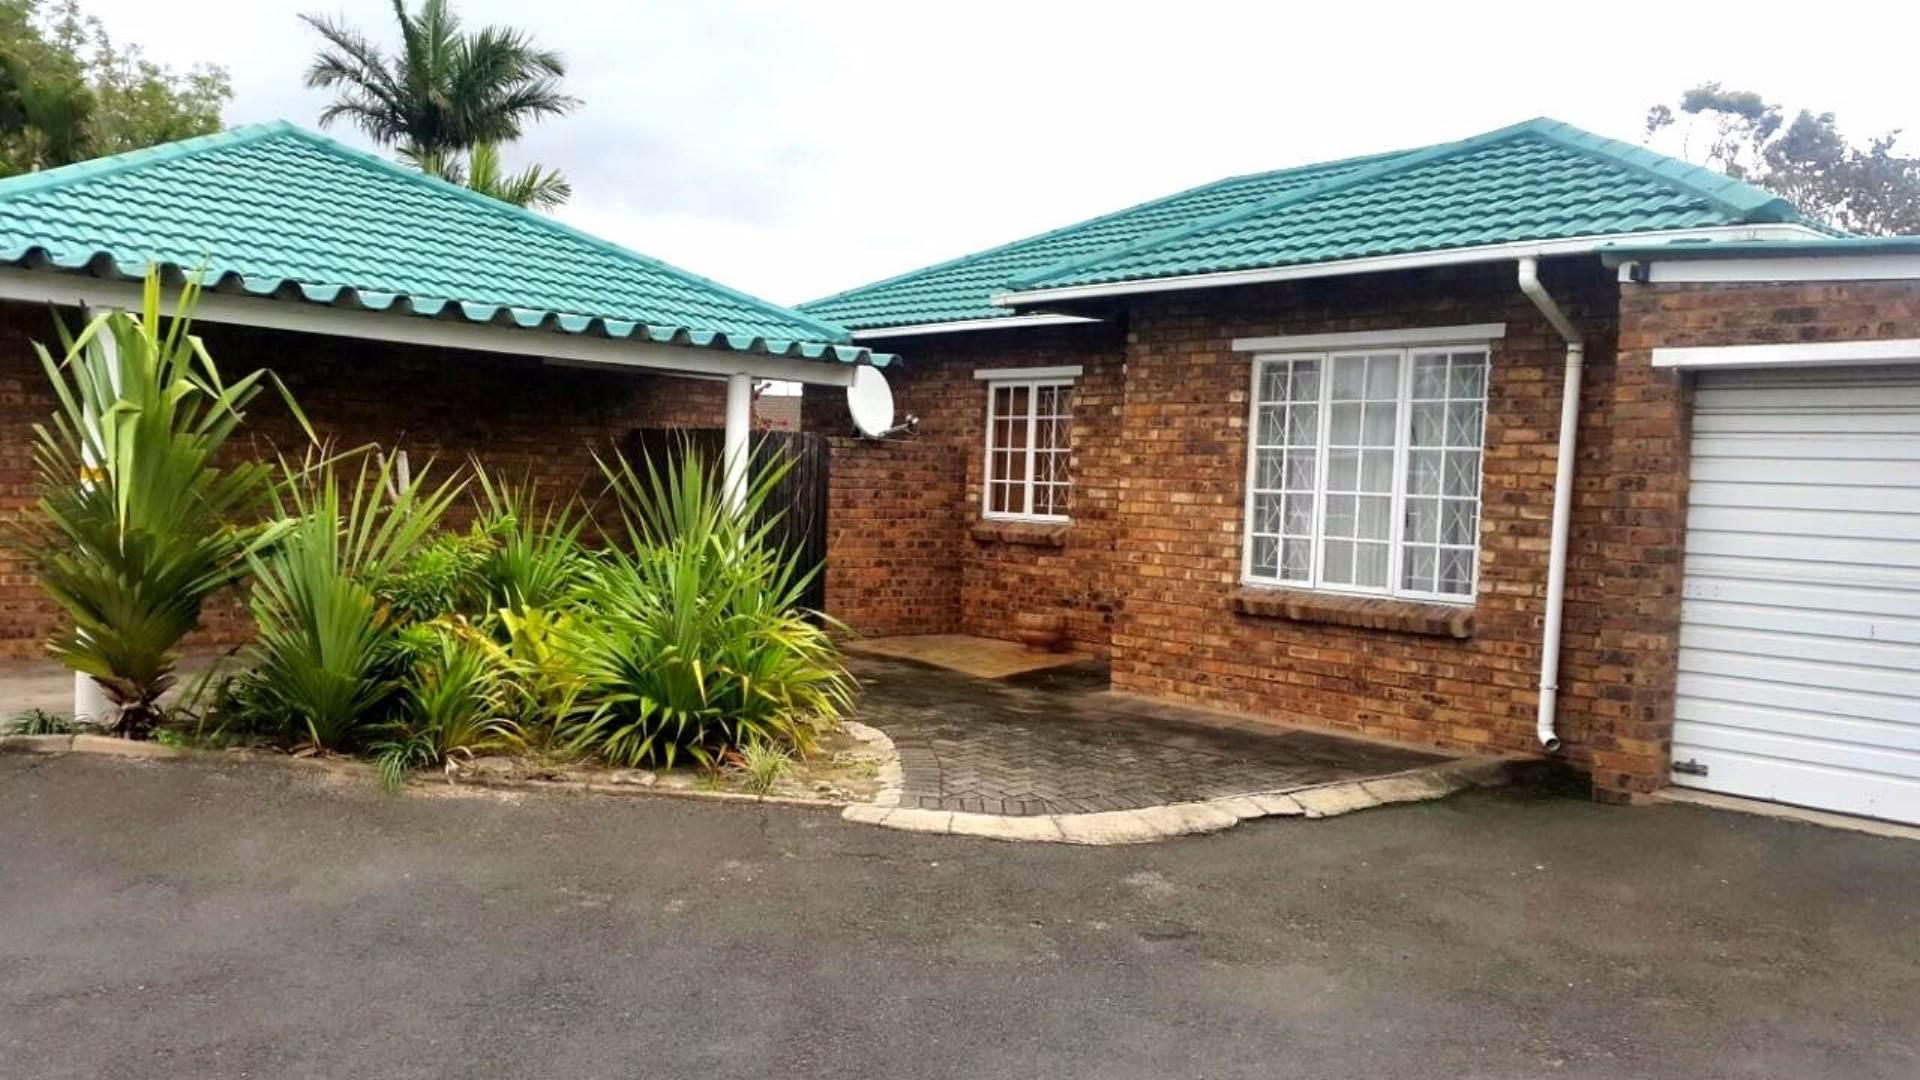 3 BedroomTownhouse To Rent In Birdswood